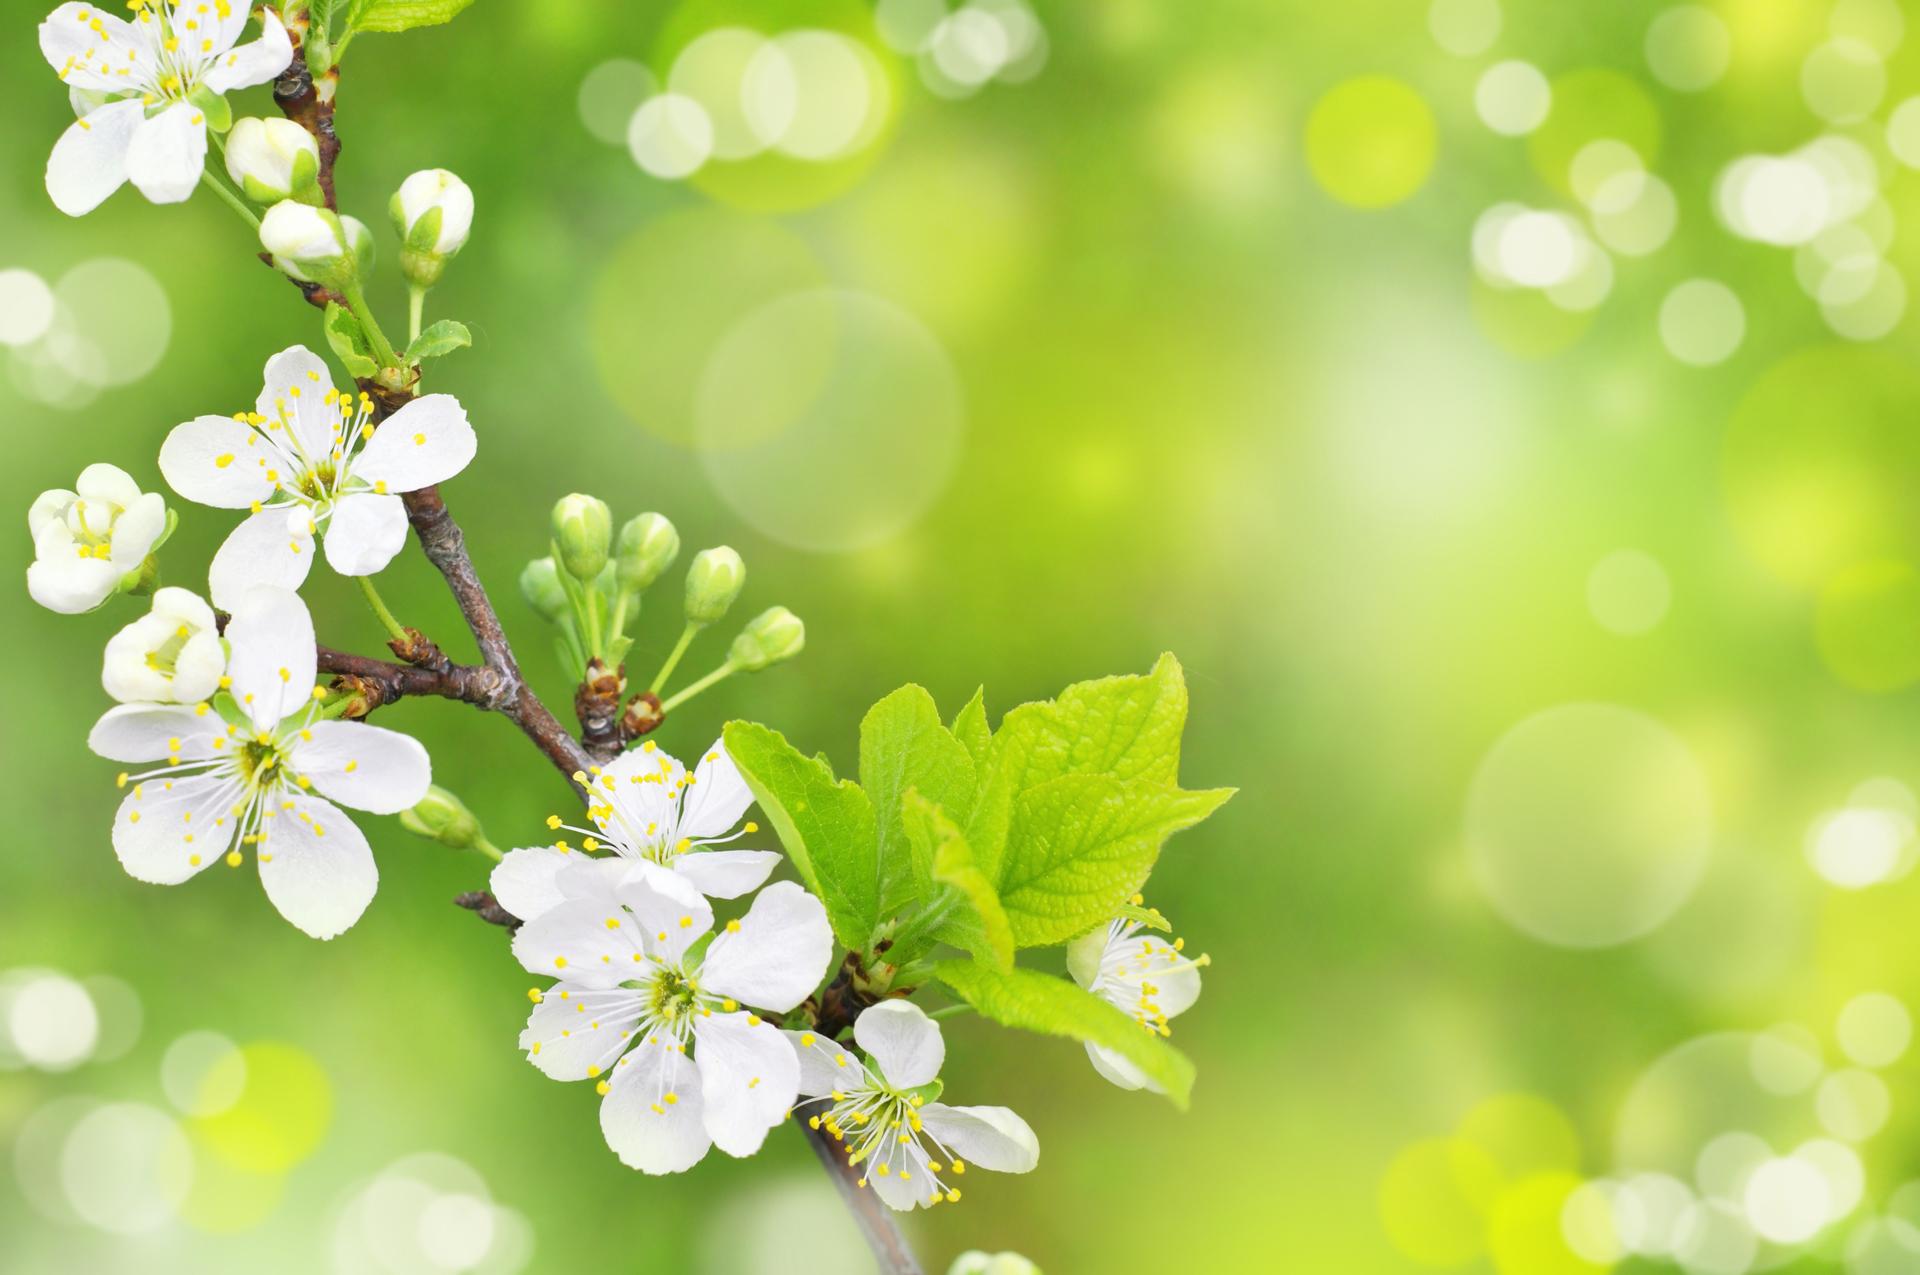 Free Spring Wallpaper For Desktop WallpaperSafari